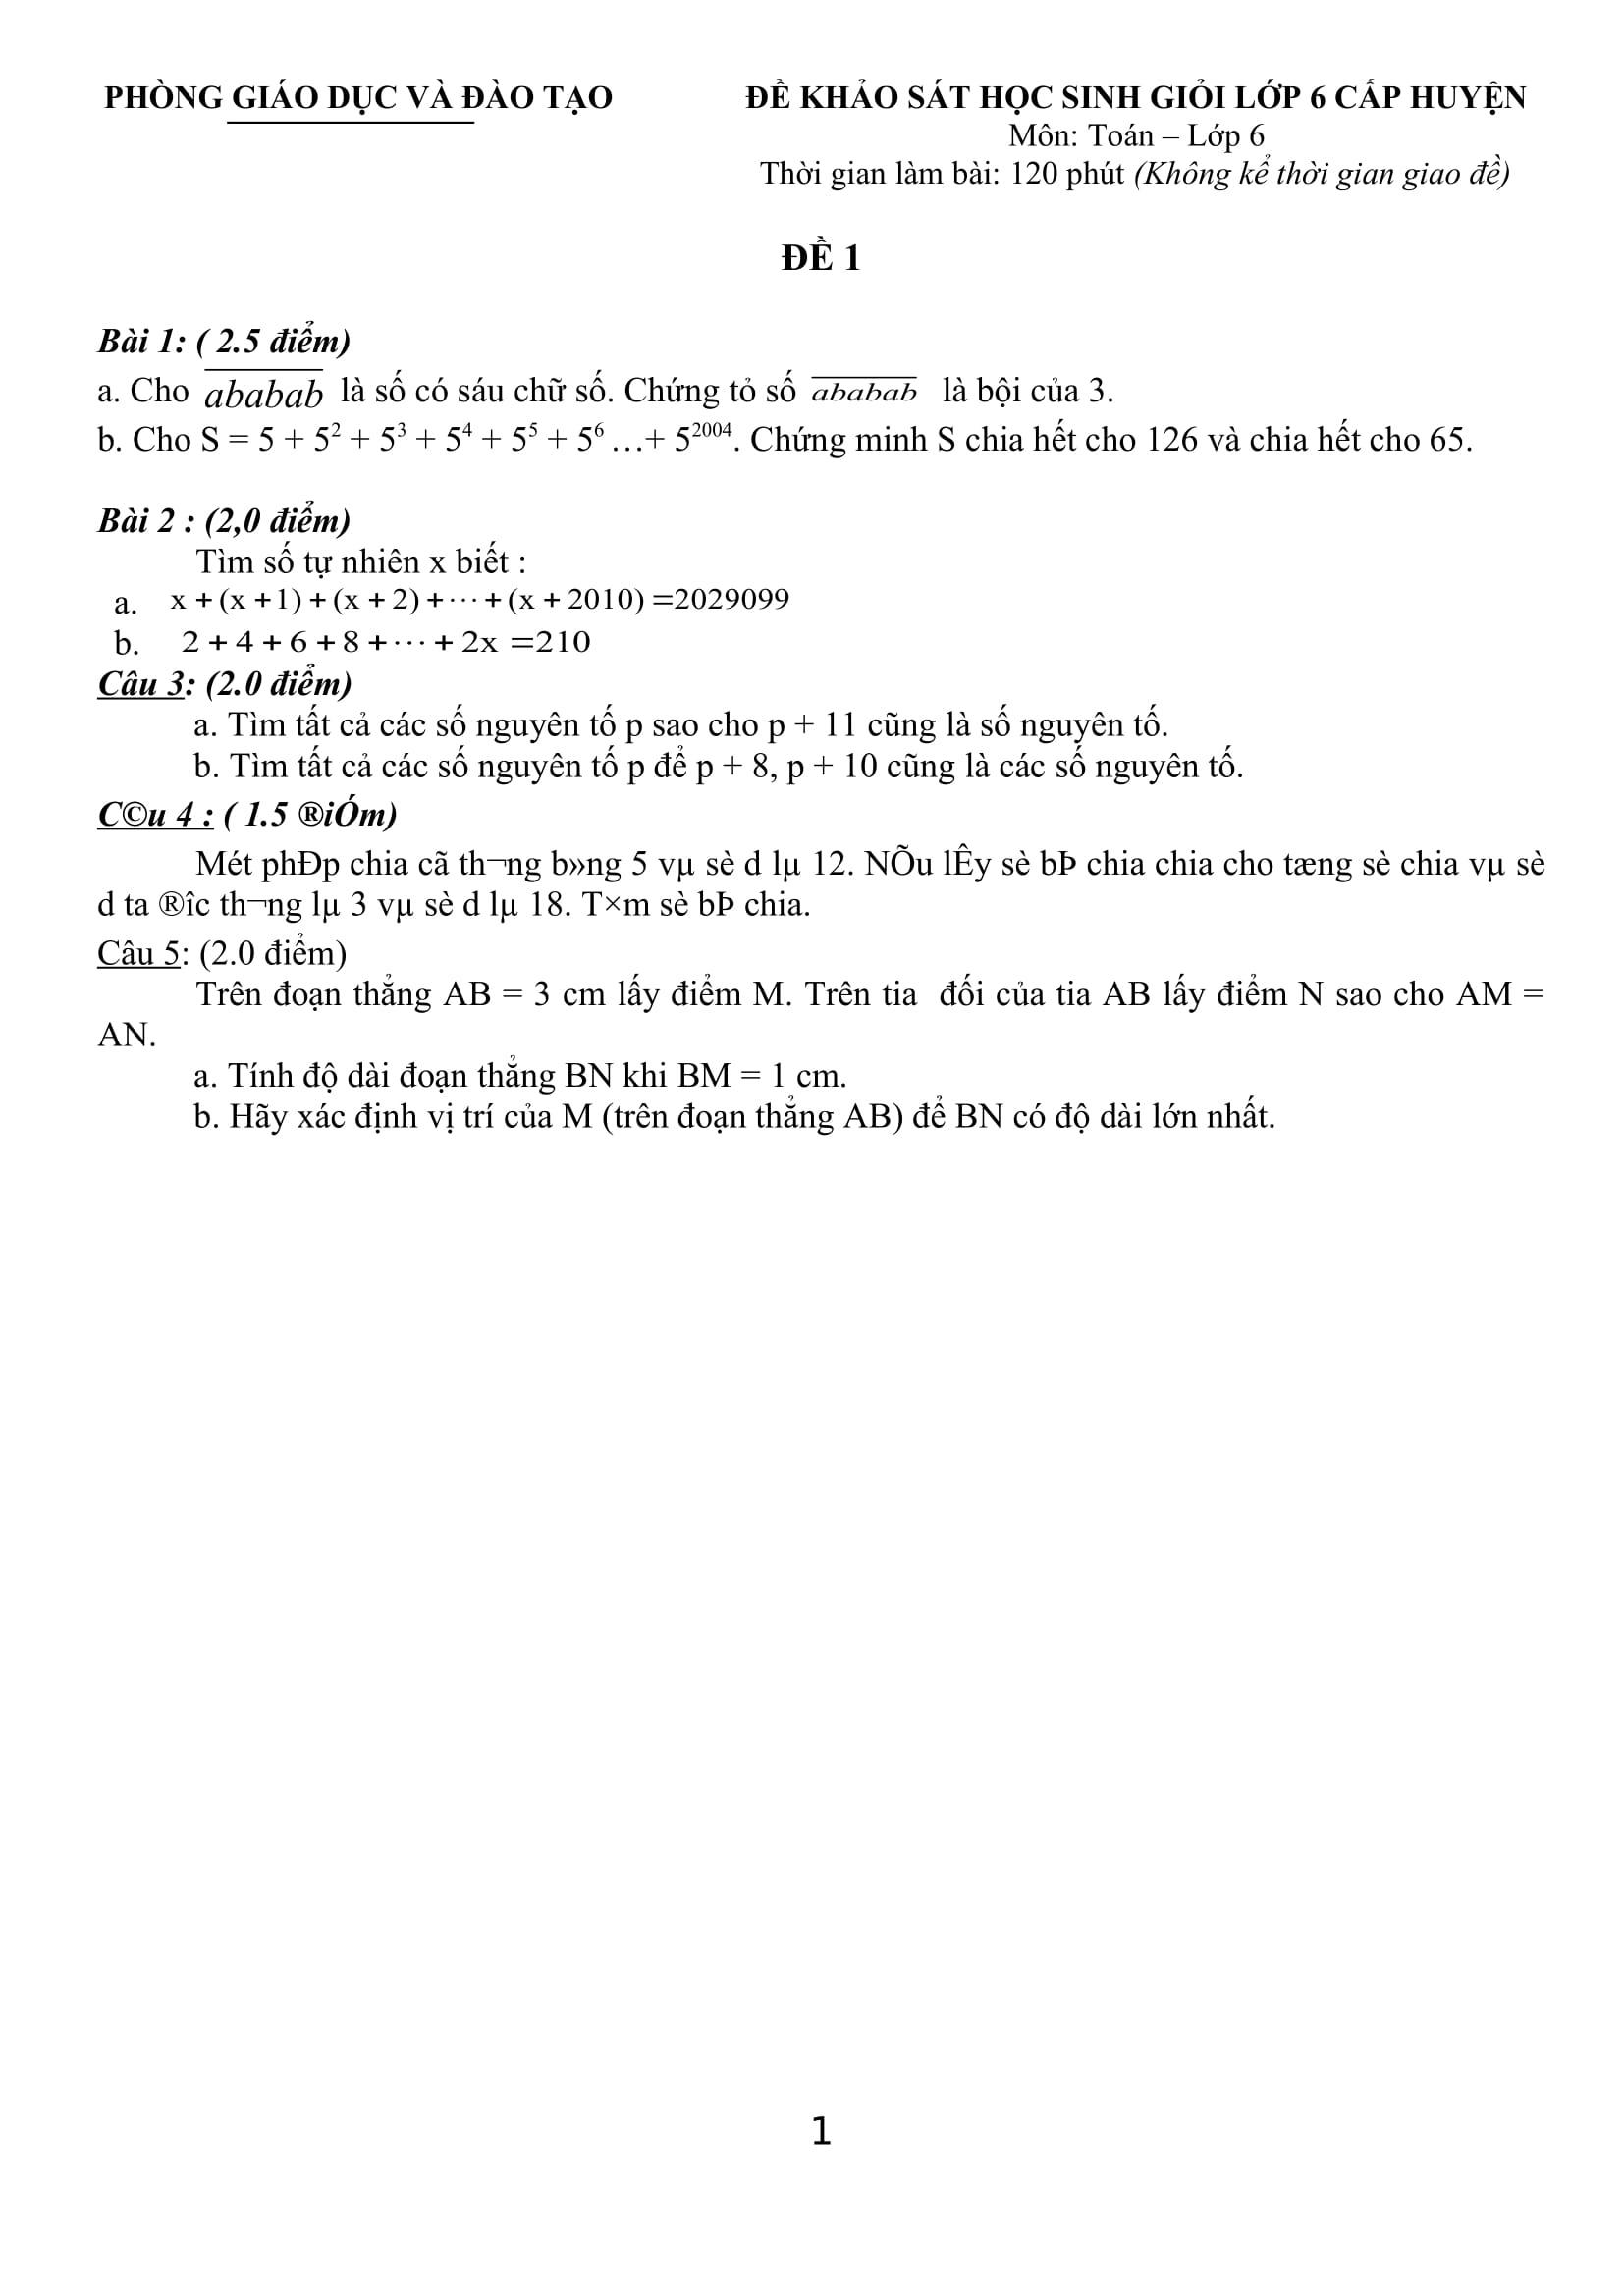 20 Đề thi HSG cấp huyện toán 6 có lời giải